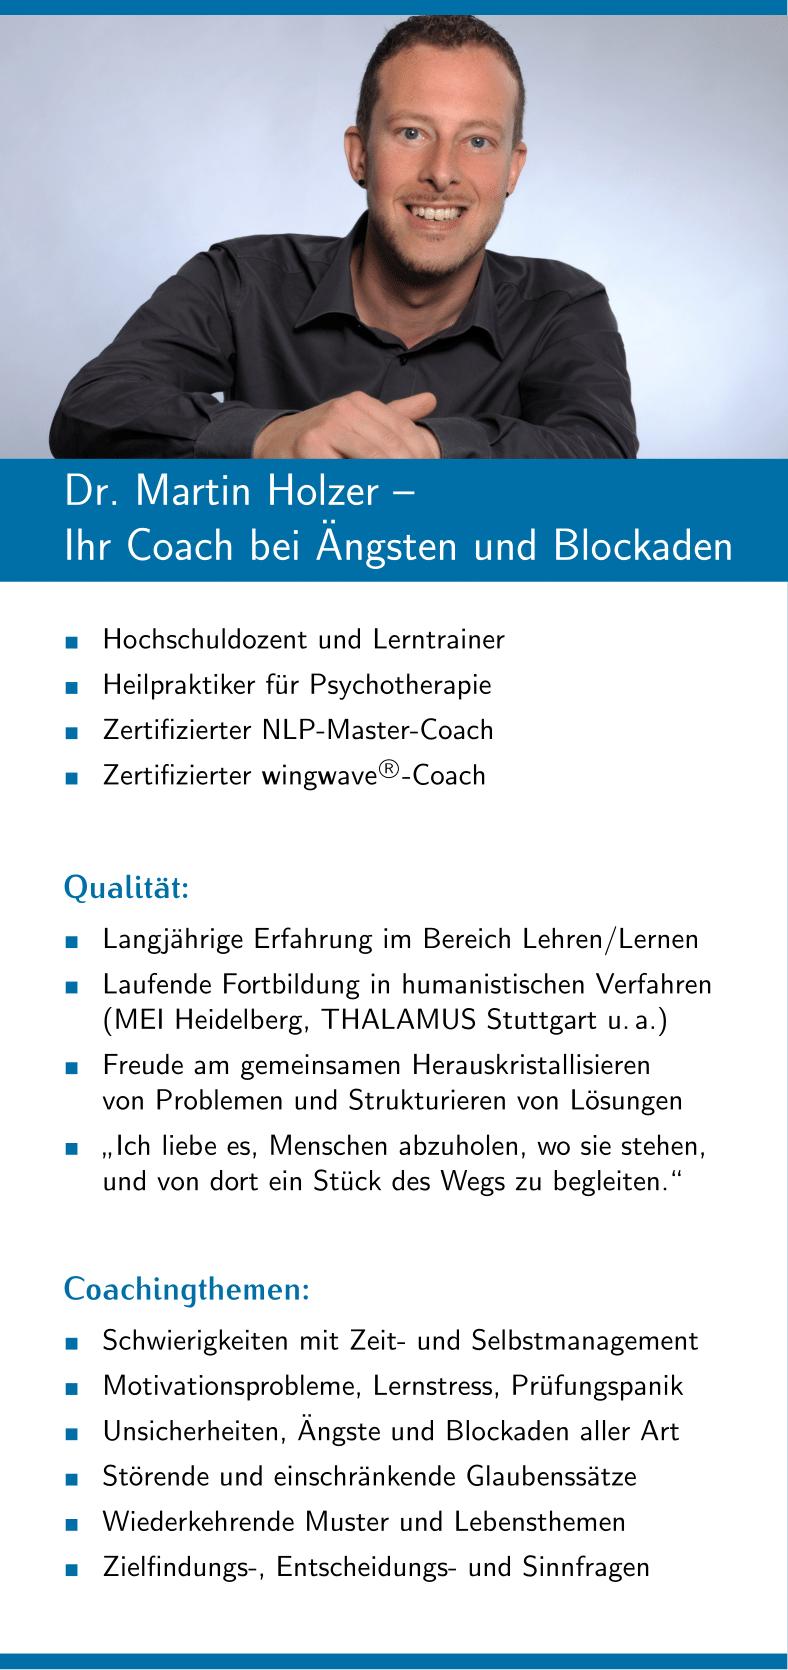 Dr. Martin Holzer